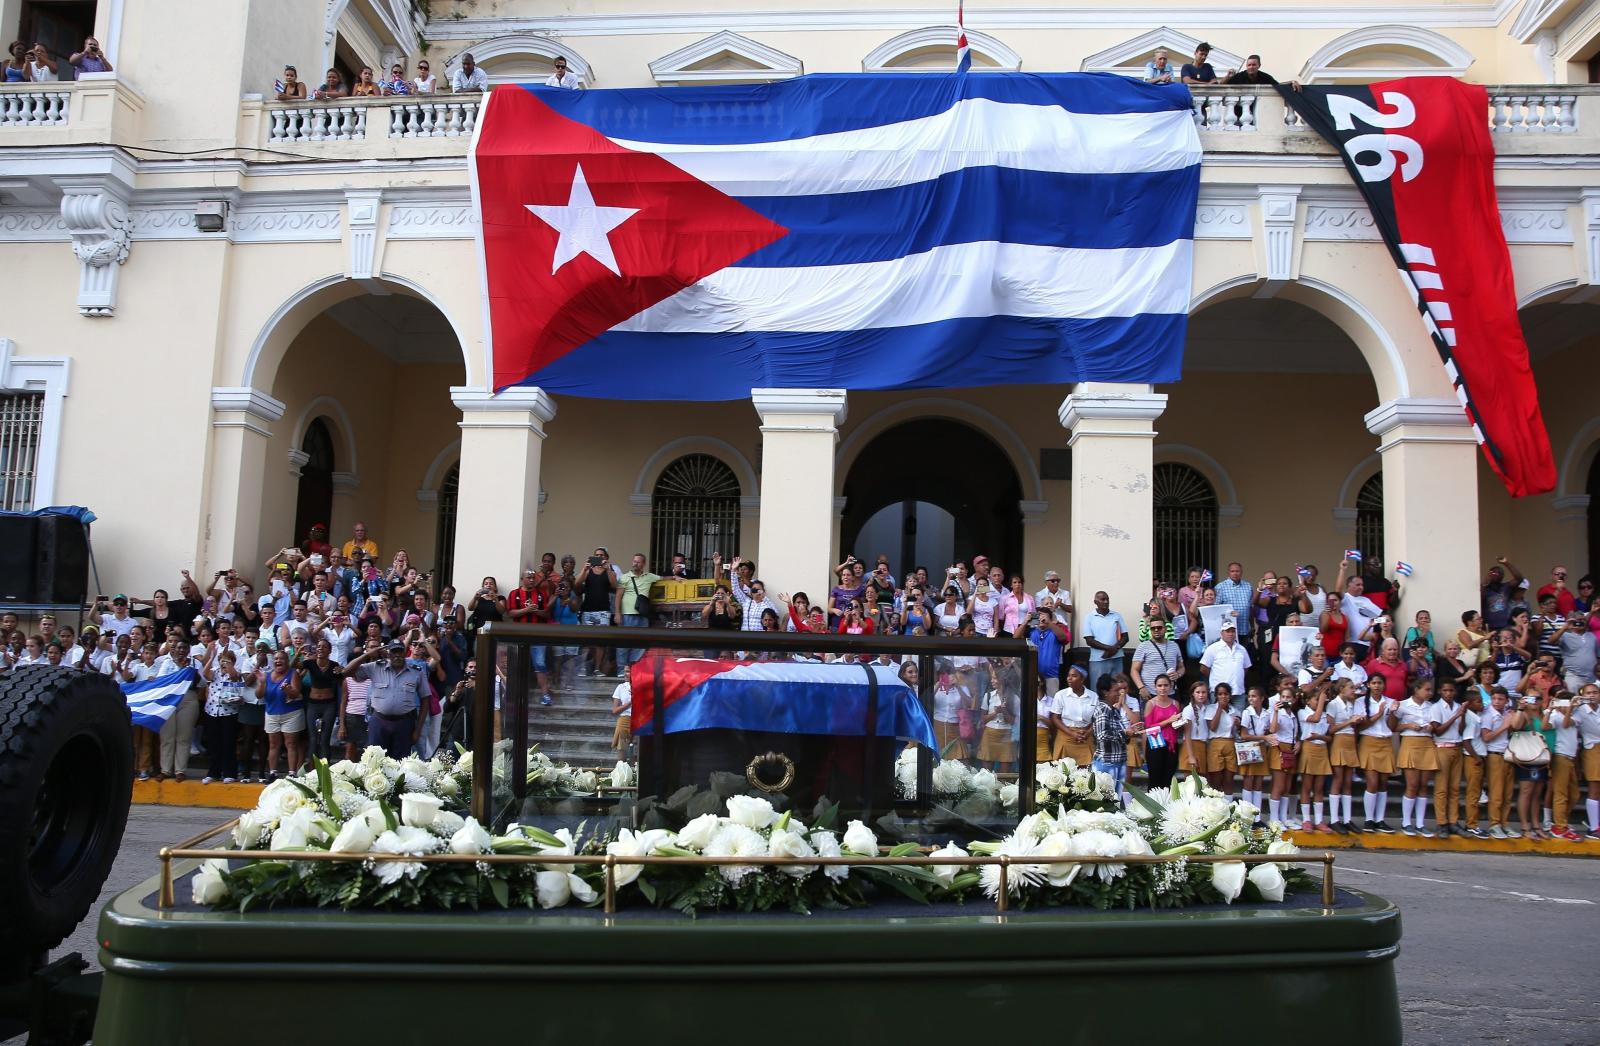 Urna z prochami Fidela Castro została przewieziona w pochodzie do Matanzas Malecón. 4 grudnia 2016r. odbędzie się pogrzeb lidera rewolucji. Fot. PAP/EPA/ORLANDO BARRIA